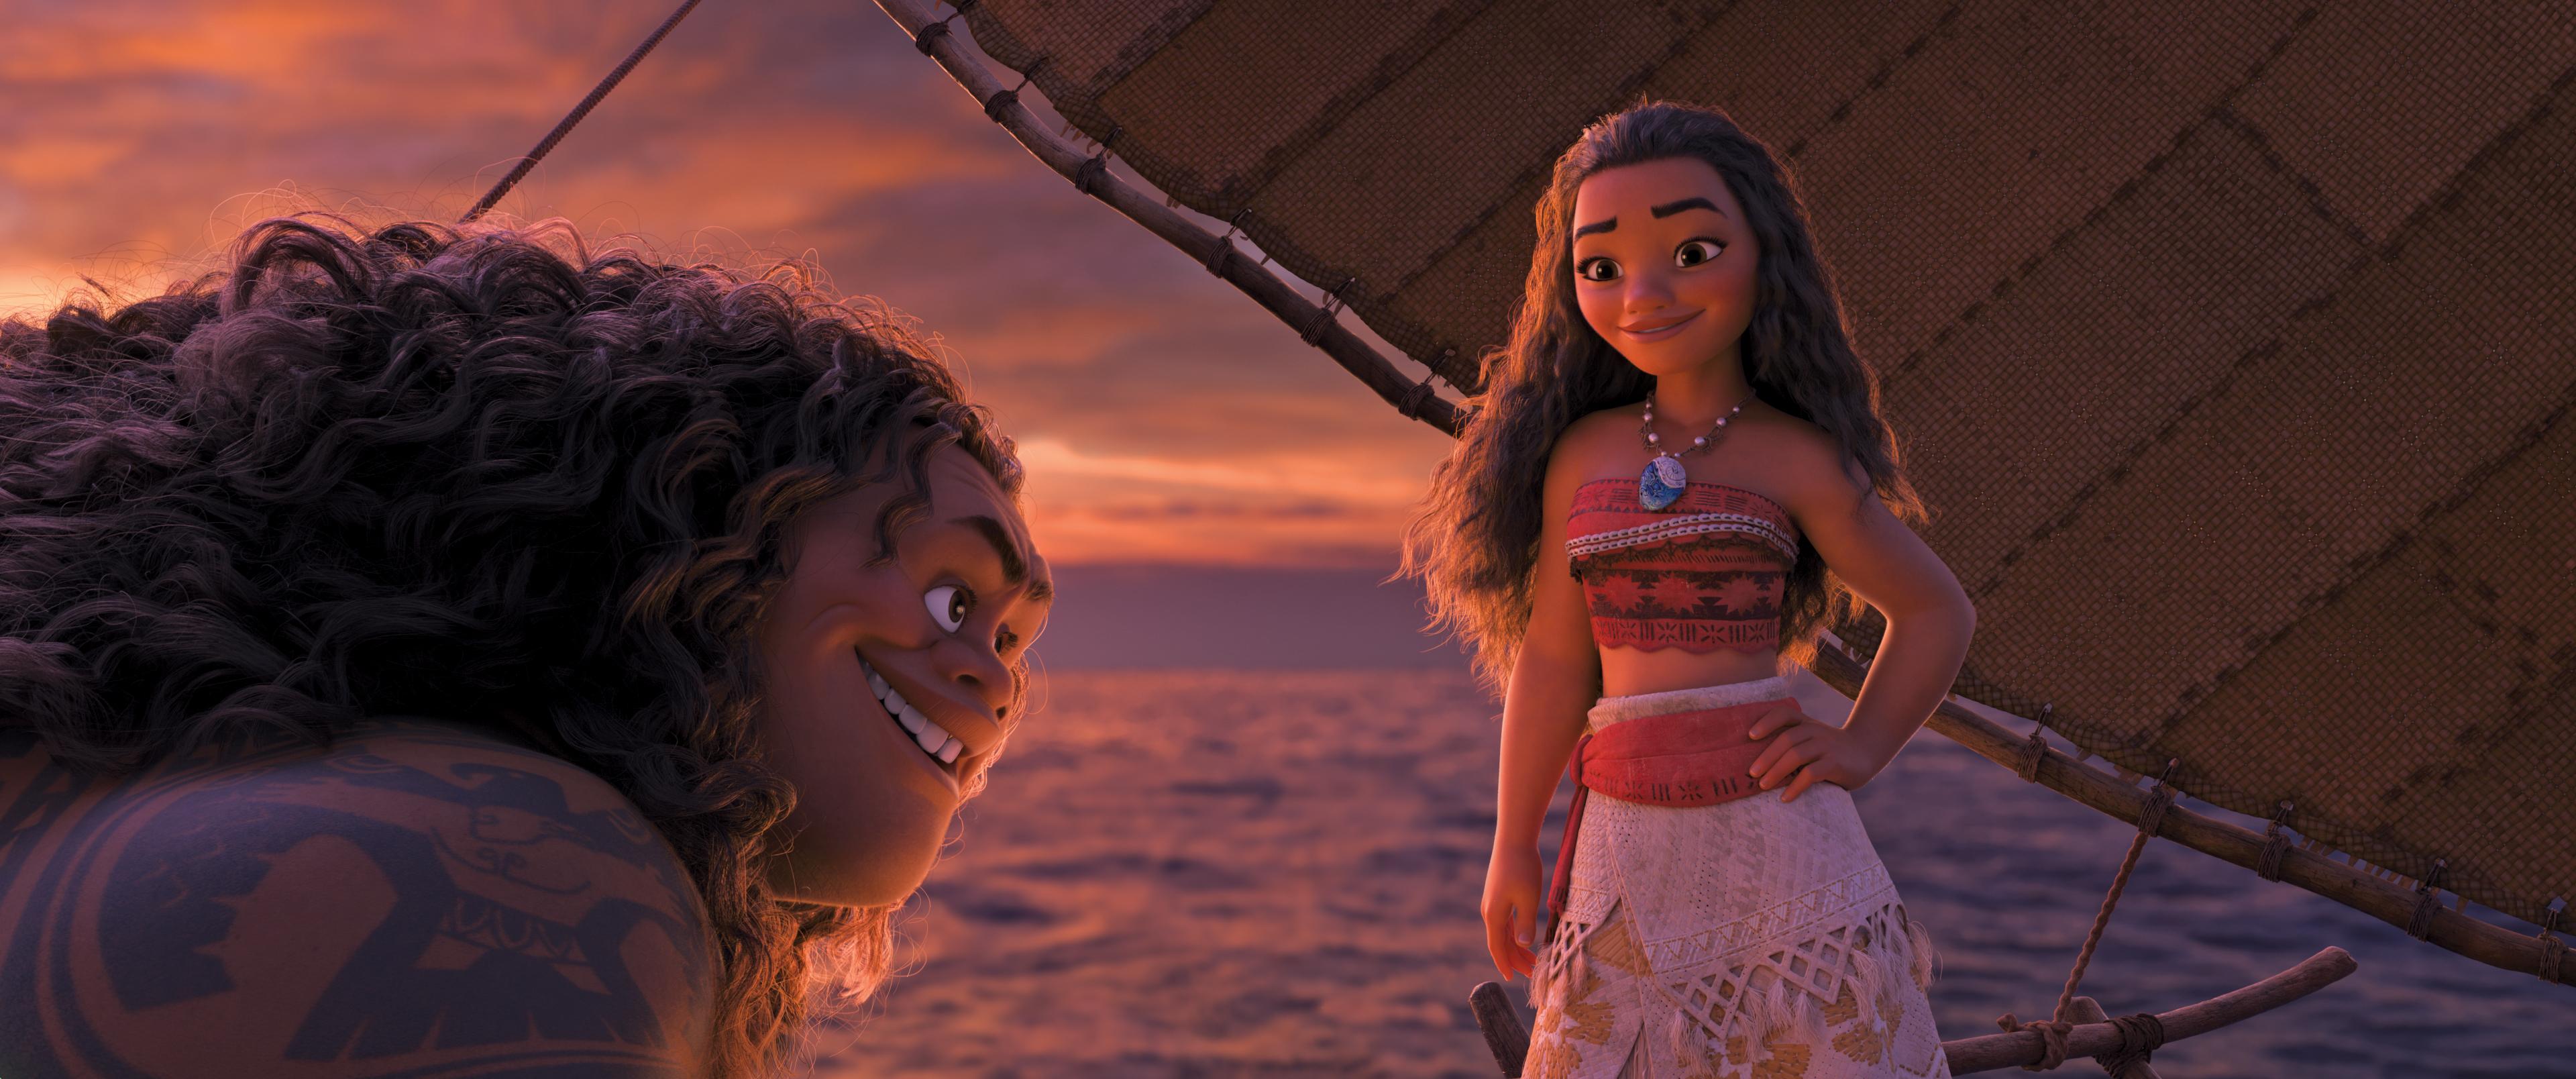 Polynesische Mythen in ihrer schönsten Form : Disney's Vaiana